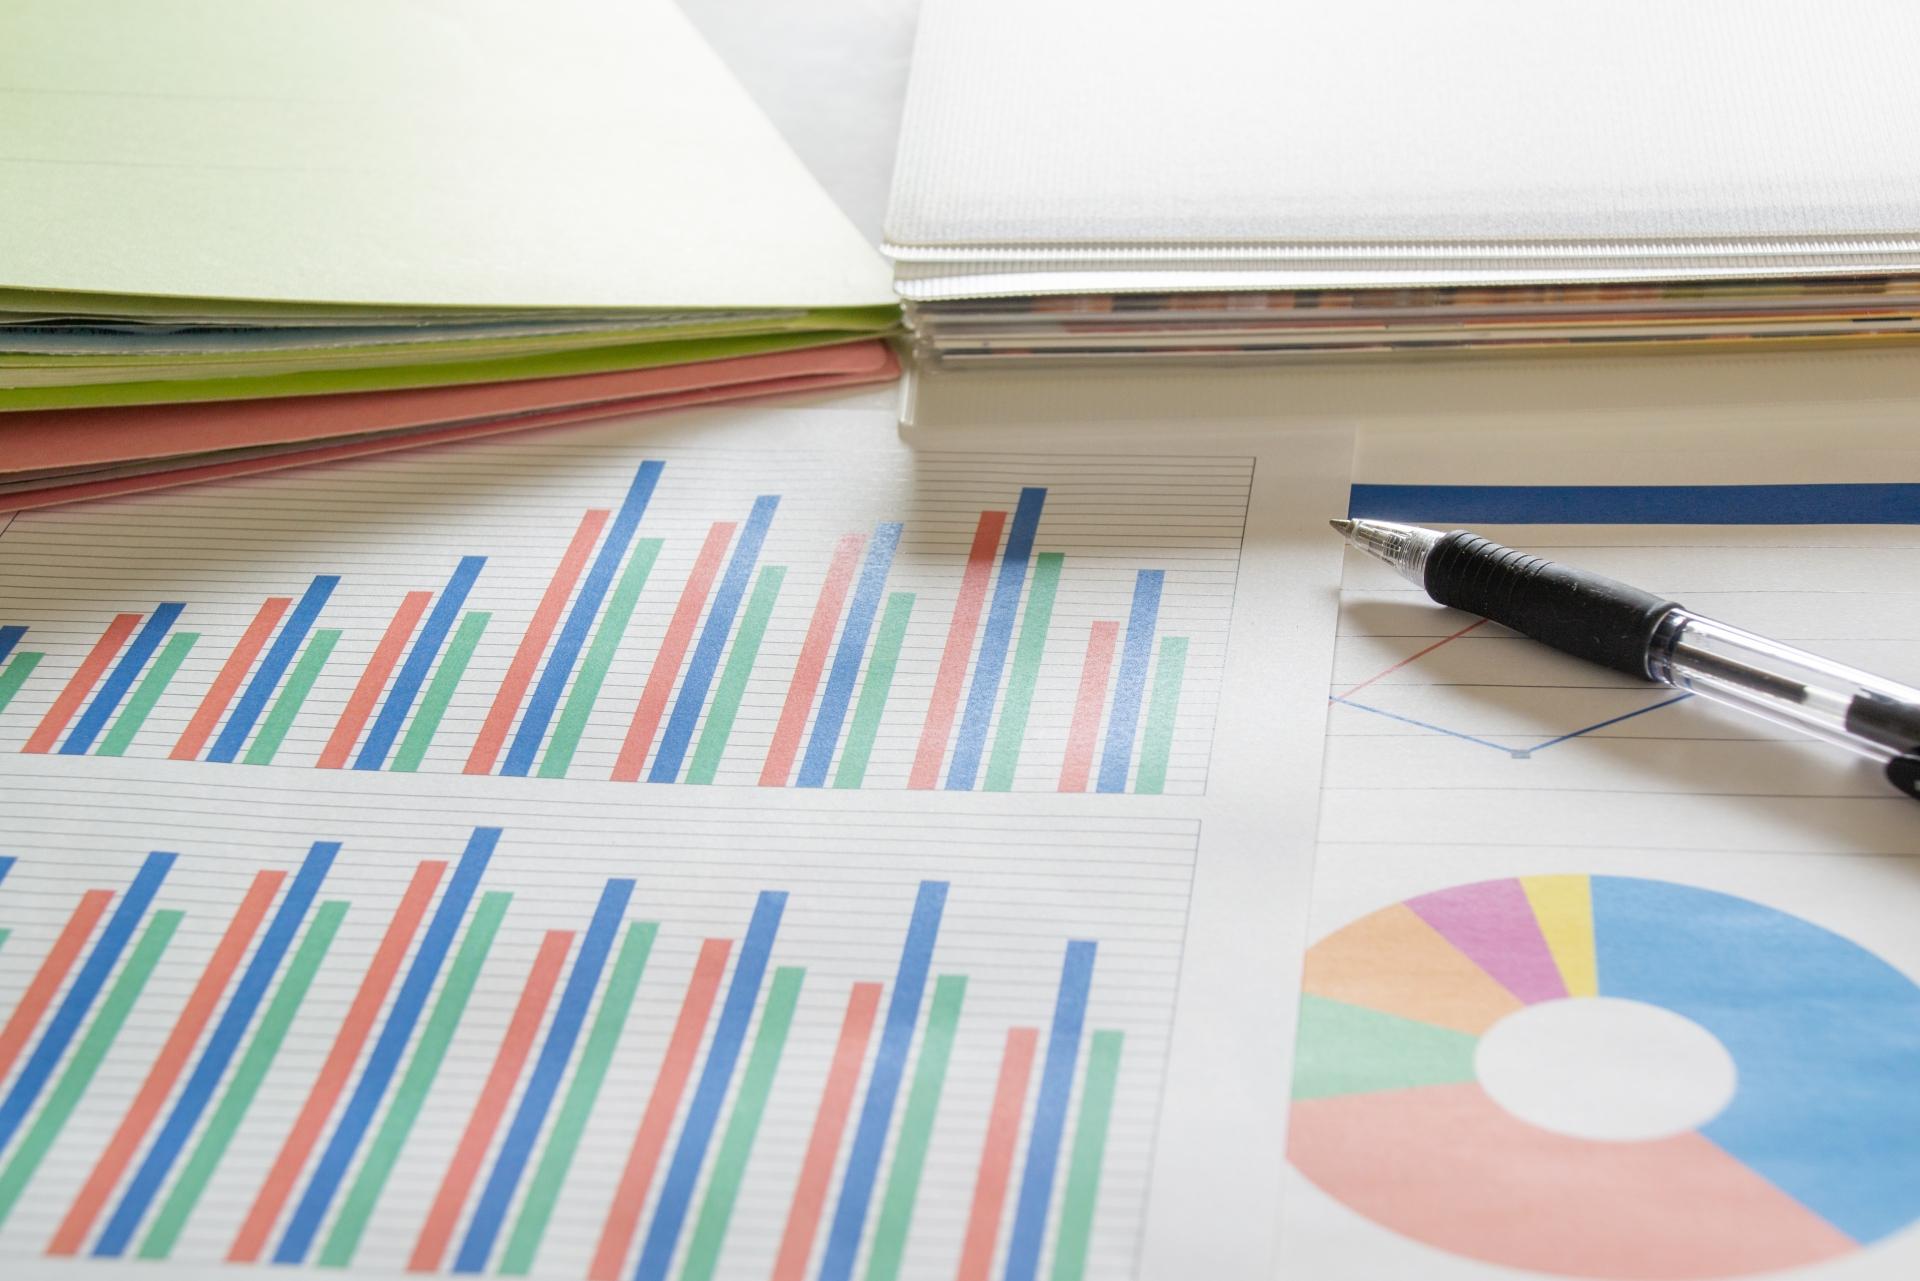 補助金採択後に必ず必要な事業報告書作成の4つのポイント